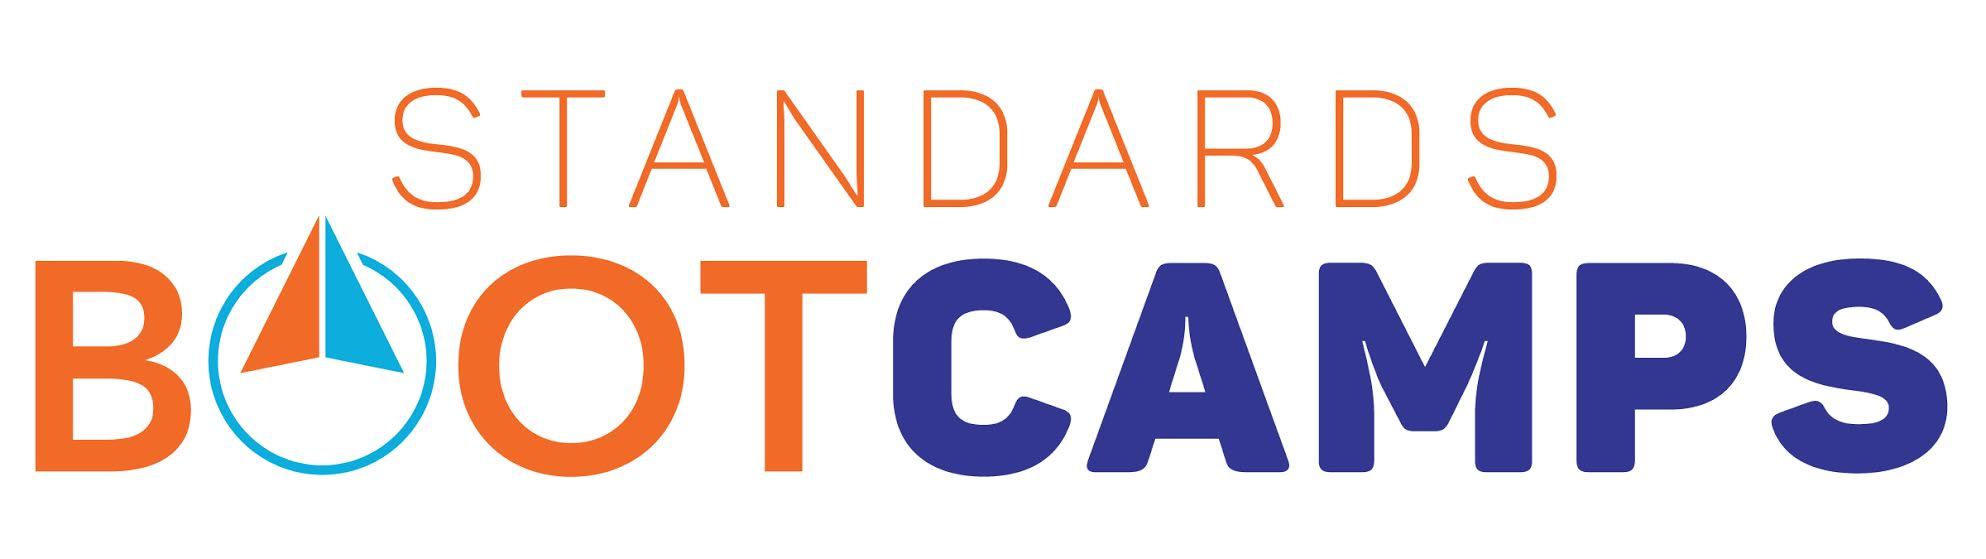 stnd_bootcamps_logo_main_v1.jpg